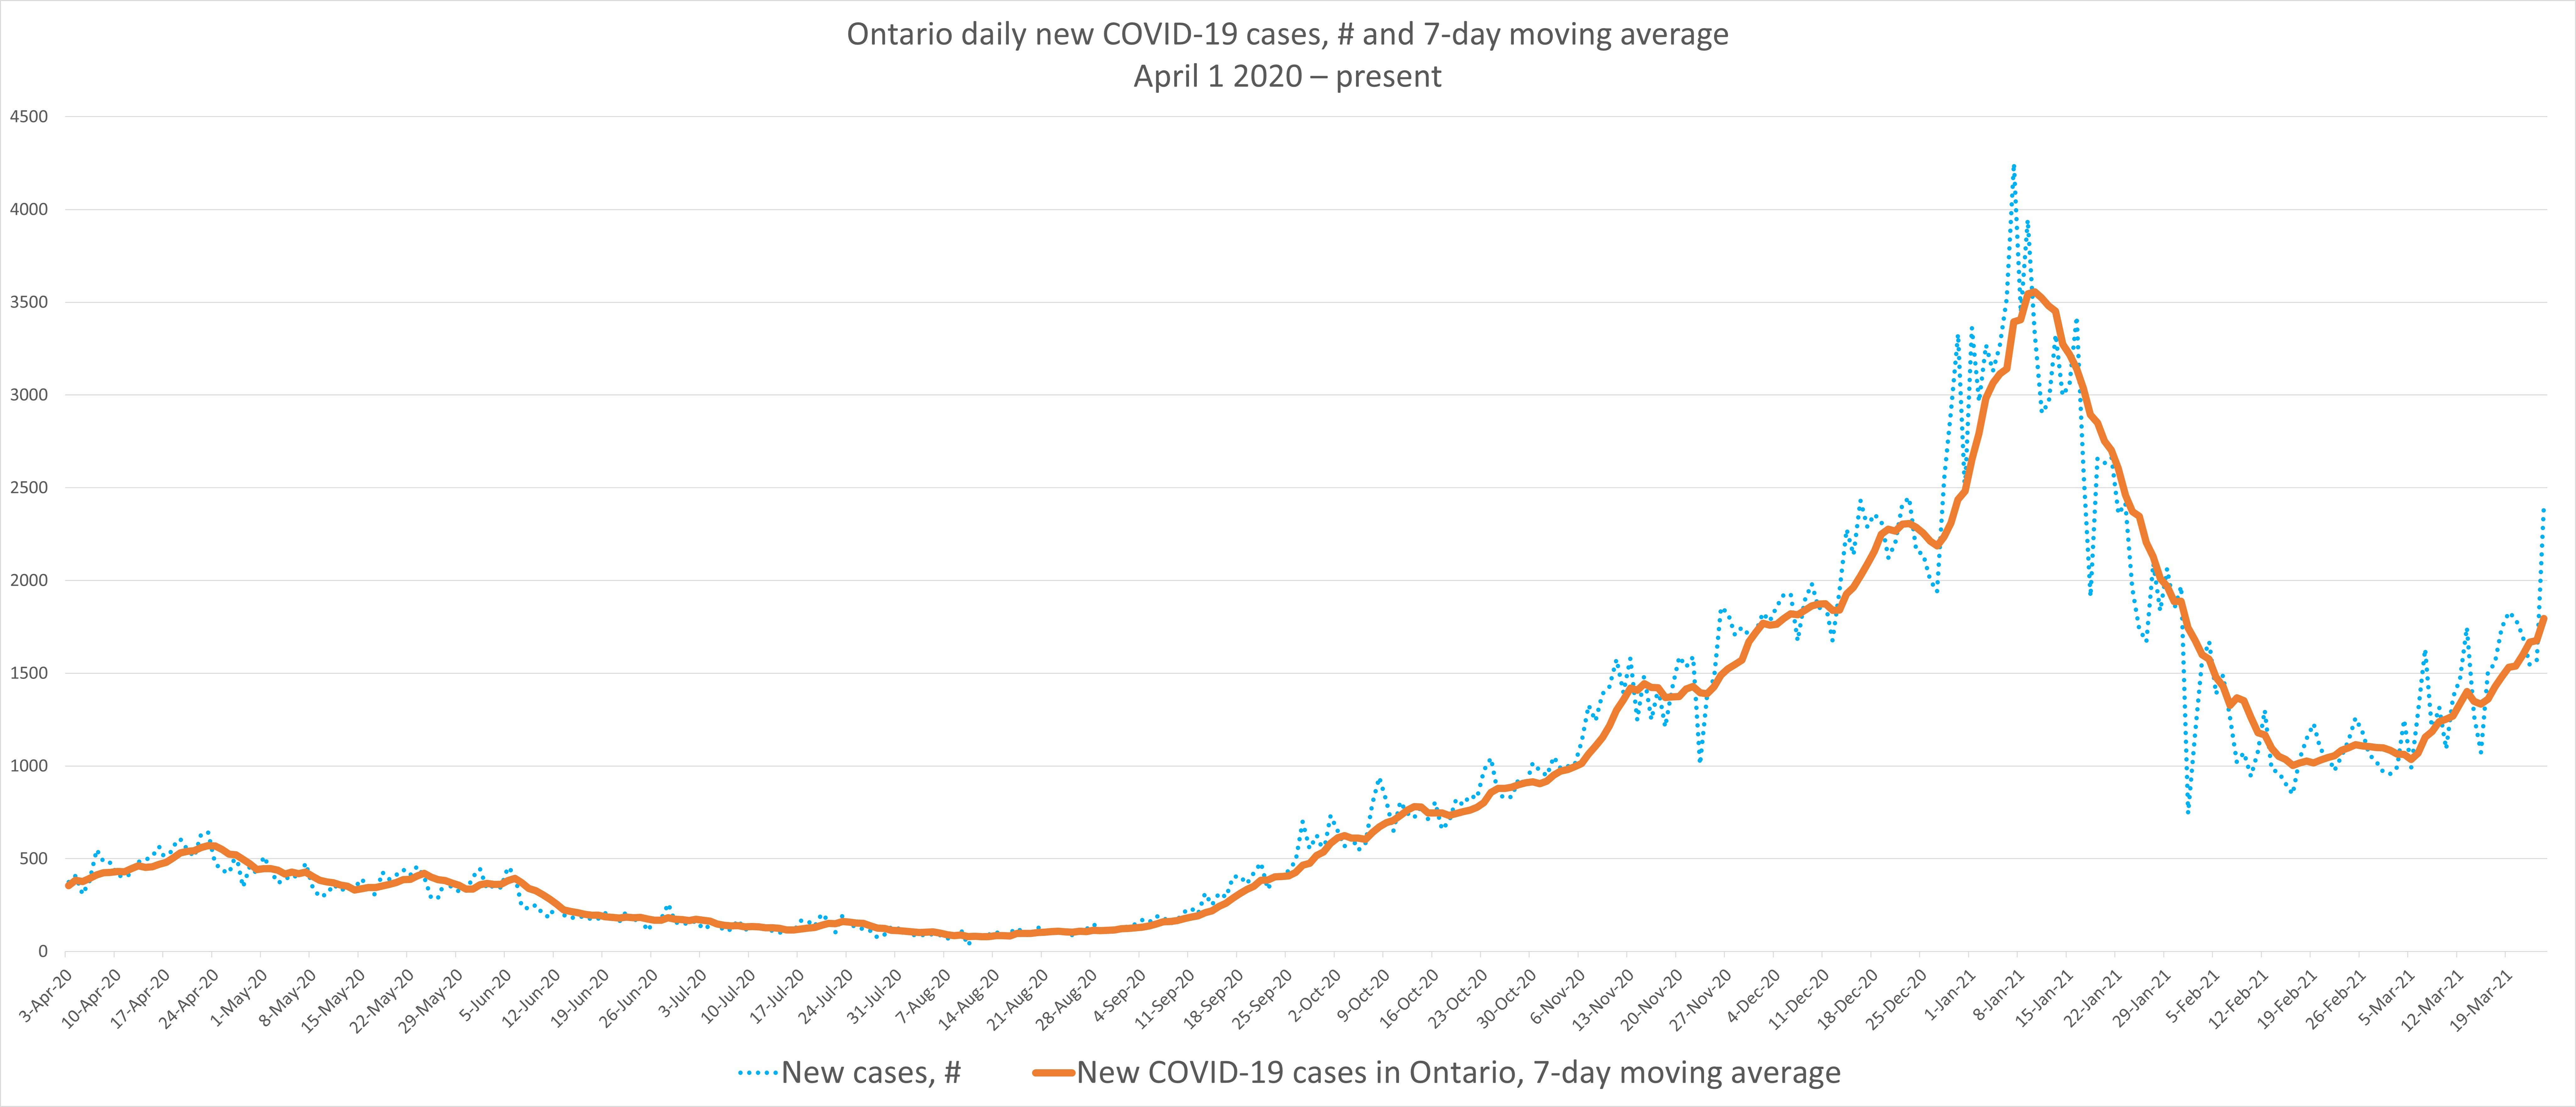 JMM COVID Graph March 25